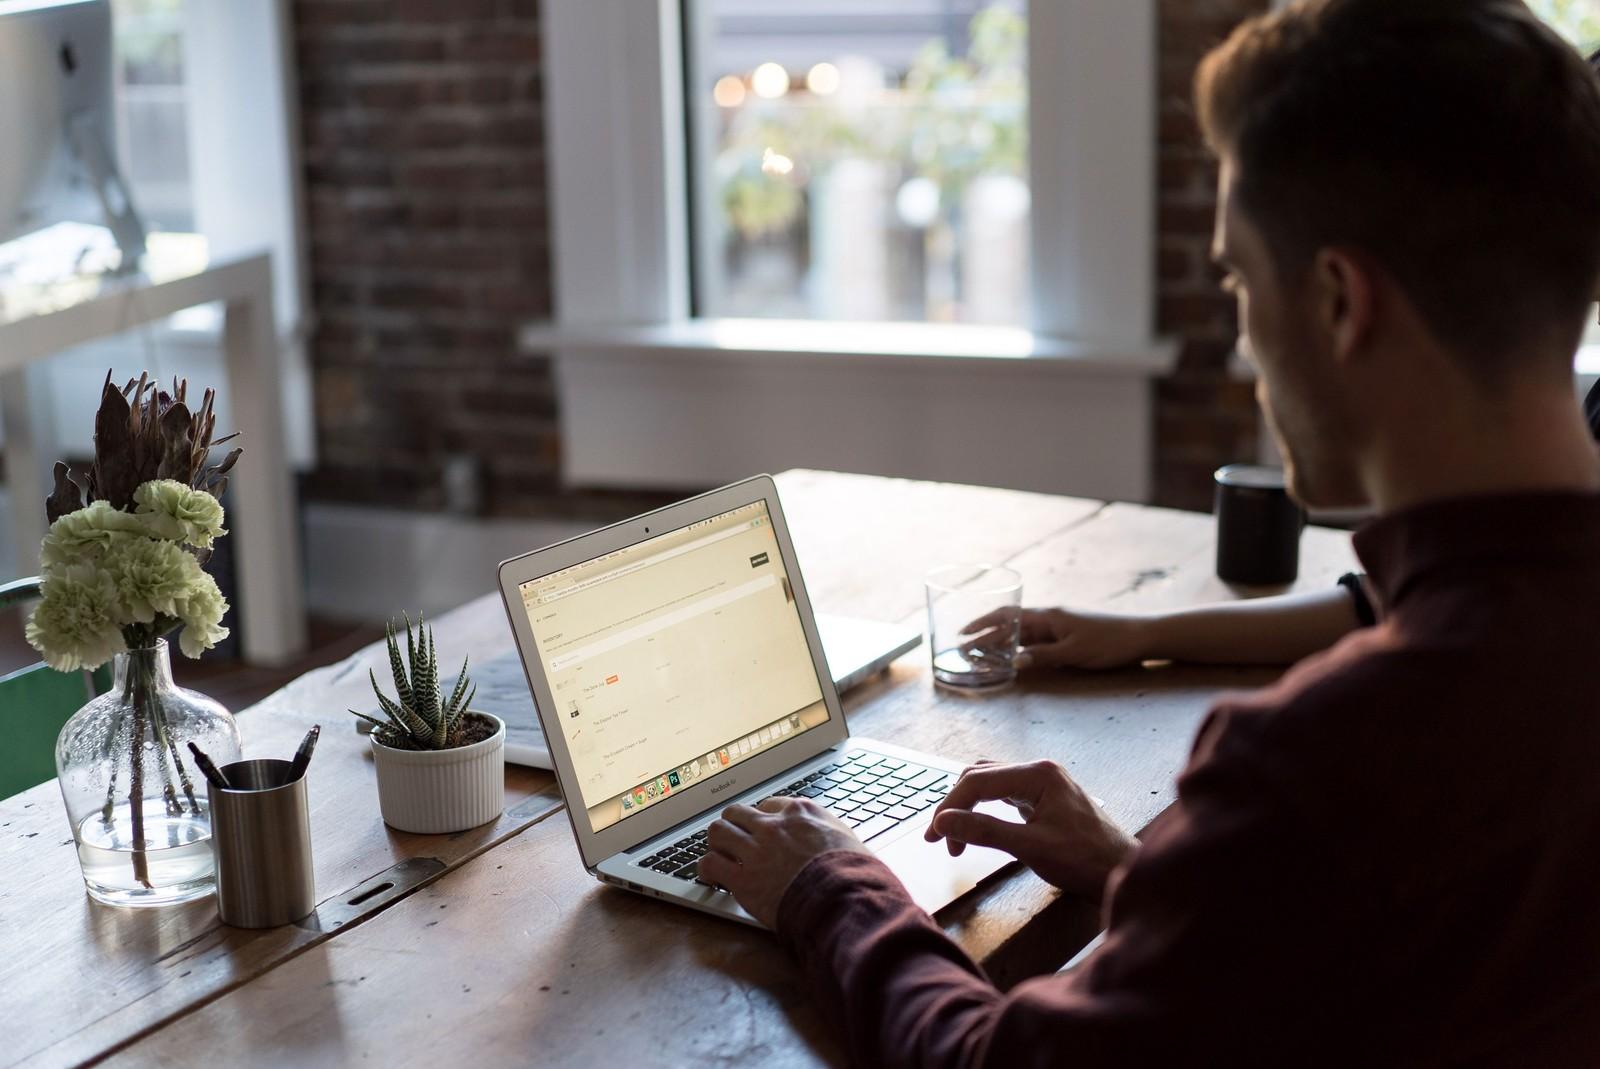 Dicas para se adaptar melhor ao trabalho em casa durante pandemia